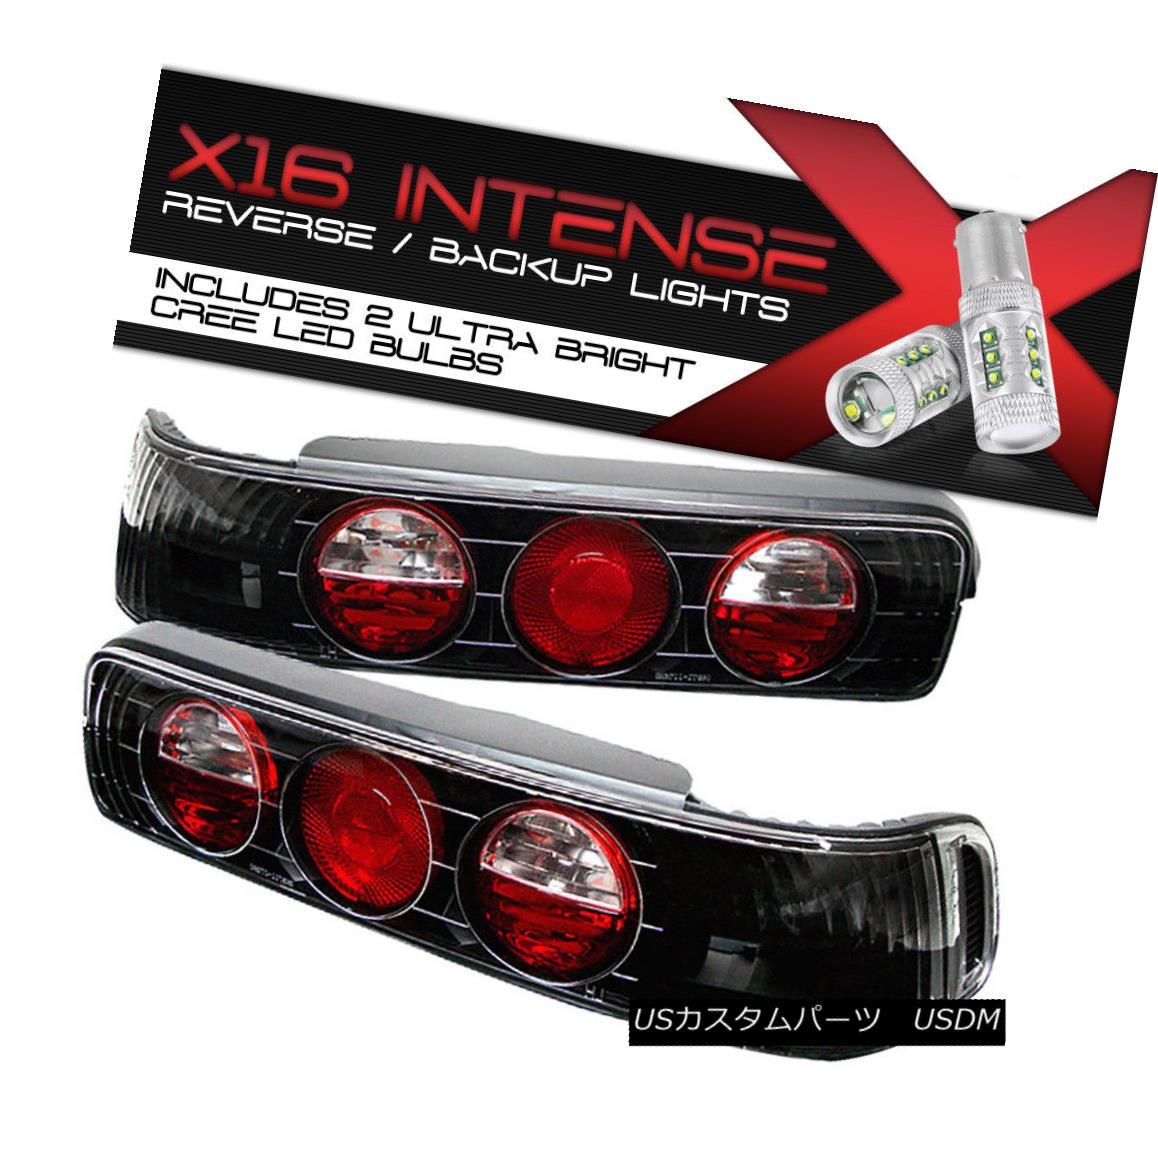 テールライト !Cree LED Reverse! Acura 90-93 Integra B18 VTEC L+R JDM Black Tail Lights Brake !クリーLEDリバース! Acura 90-93 Integra B18 VTEC L + R JDMブラックテールライトブレーキ